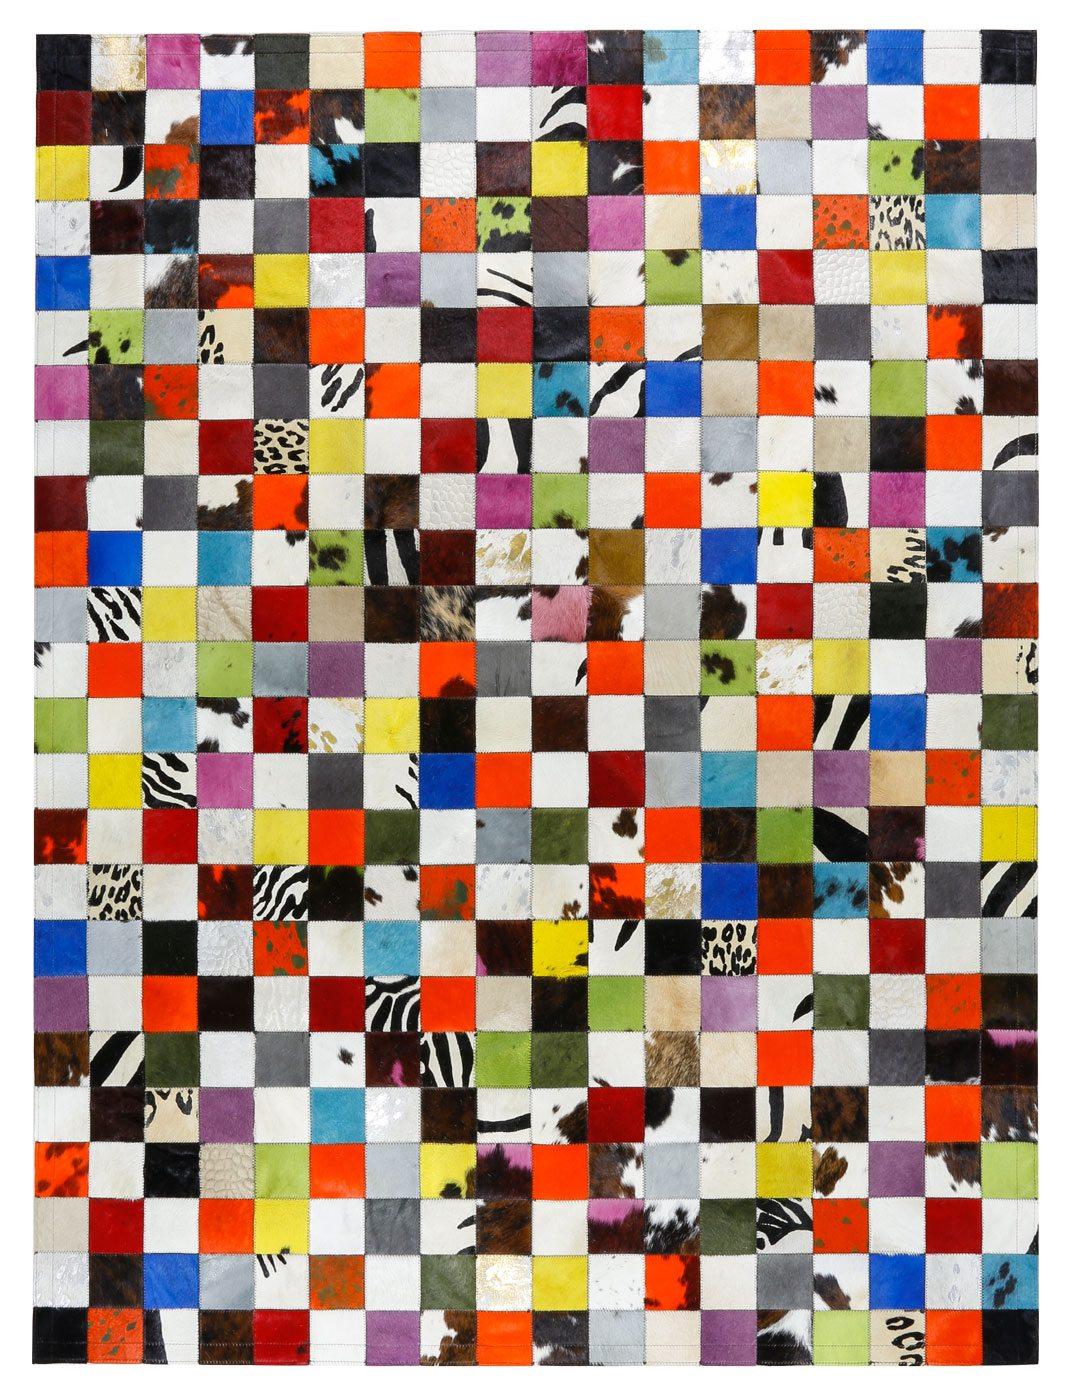 Alfombra Piel Patchwork Multy Colores 10x10 cm.